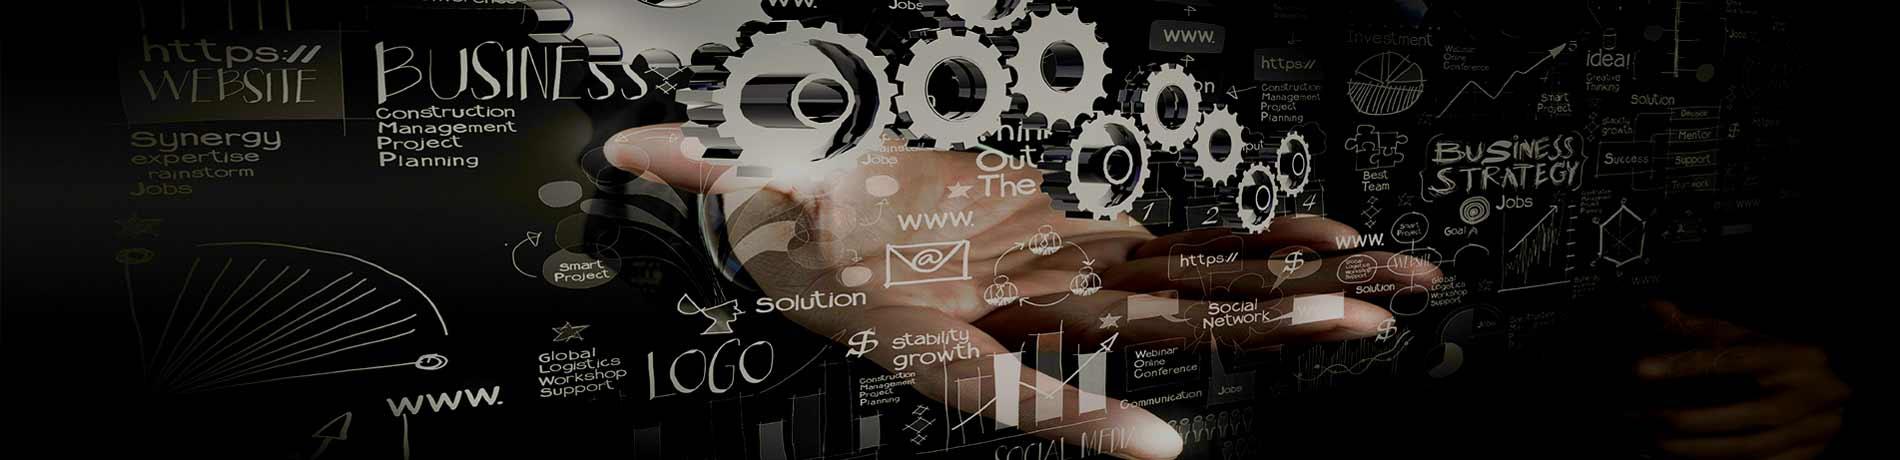 Rob Stonehewer of RSA Marketing Canada strategic marketing agency